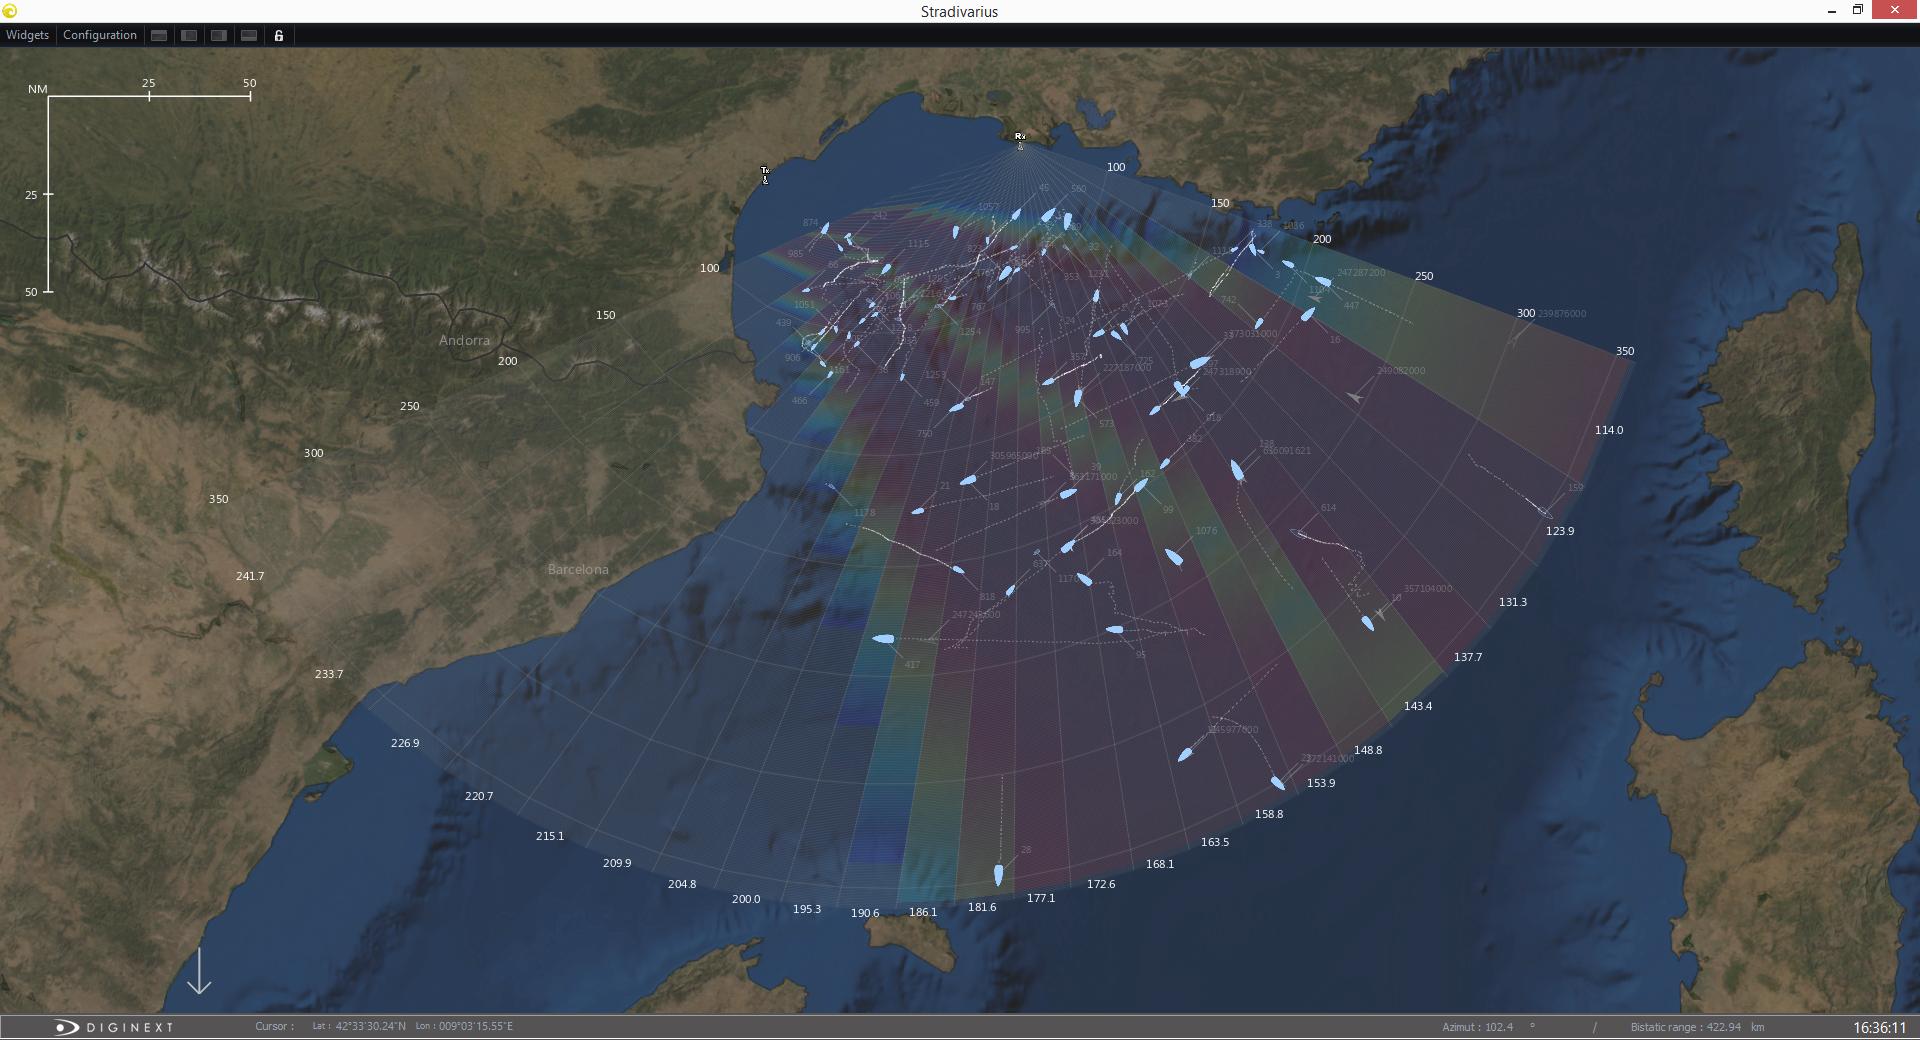 Connaitre la mer et les navires - chroniques et actu - Page 2 STRADIVARIUS%201